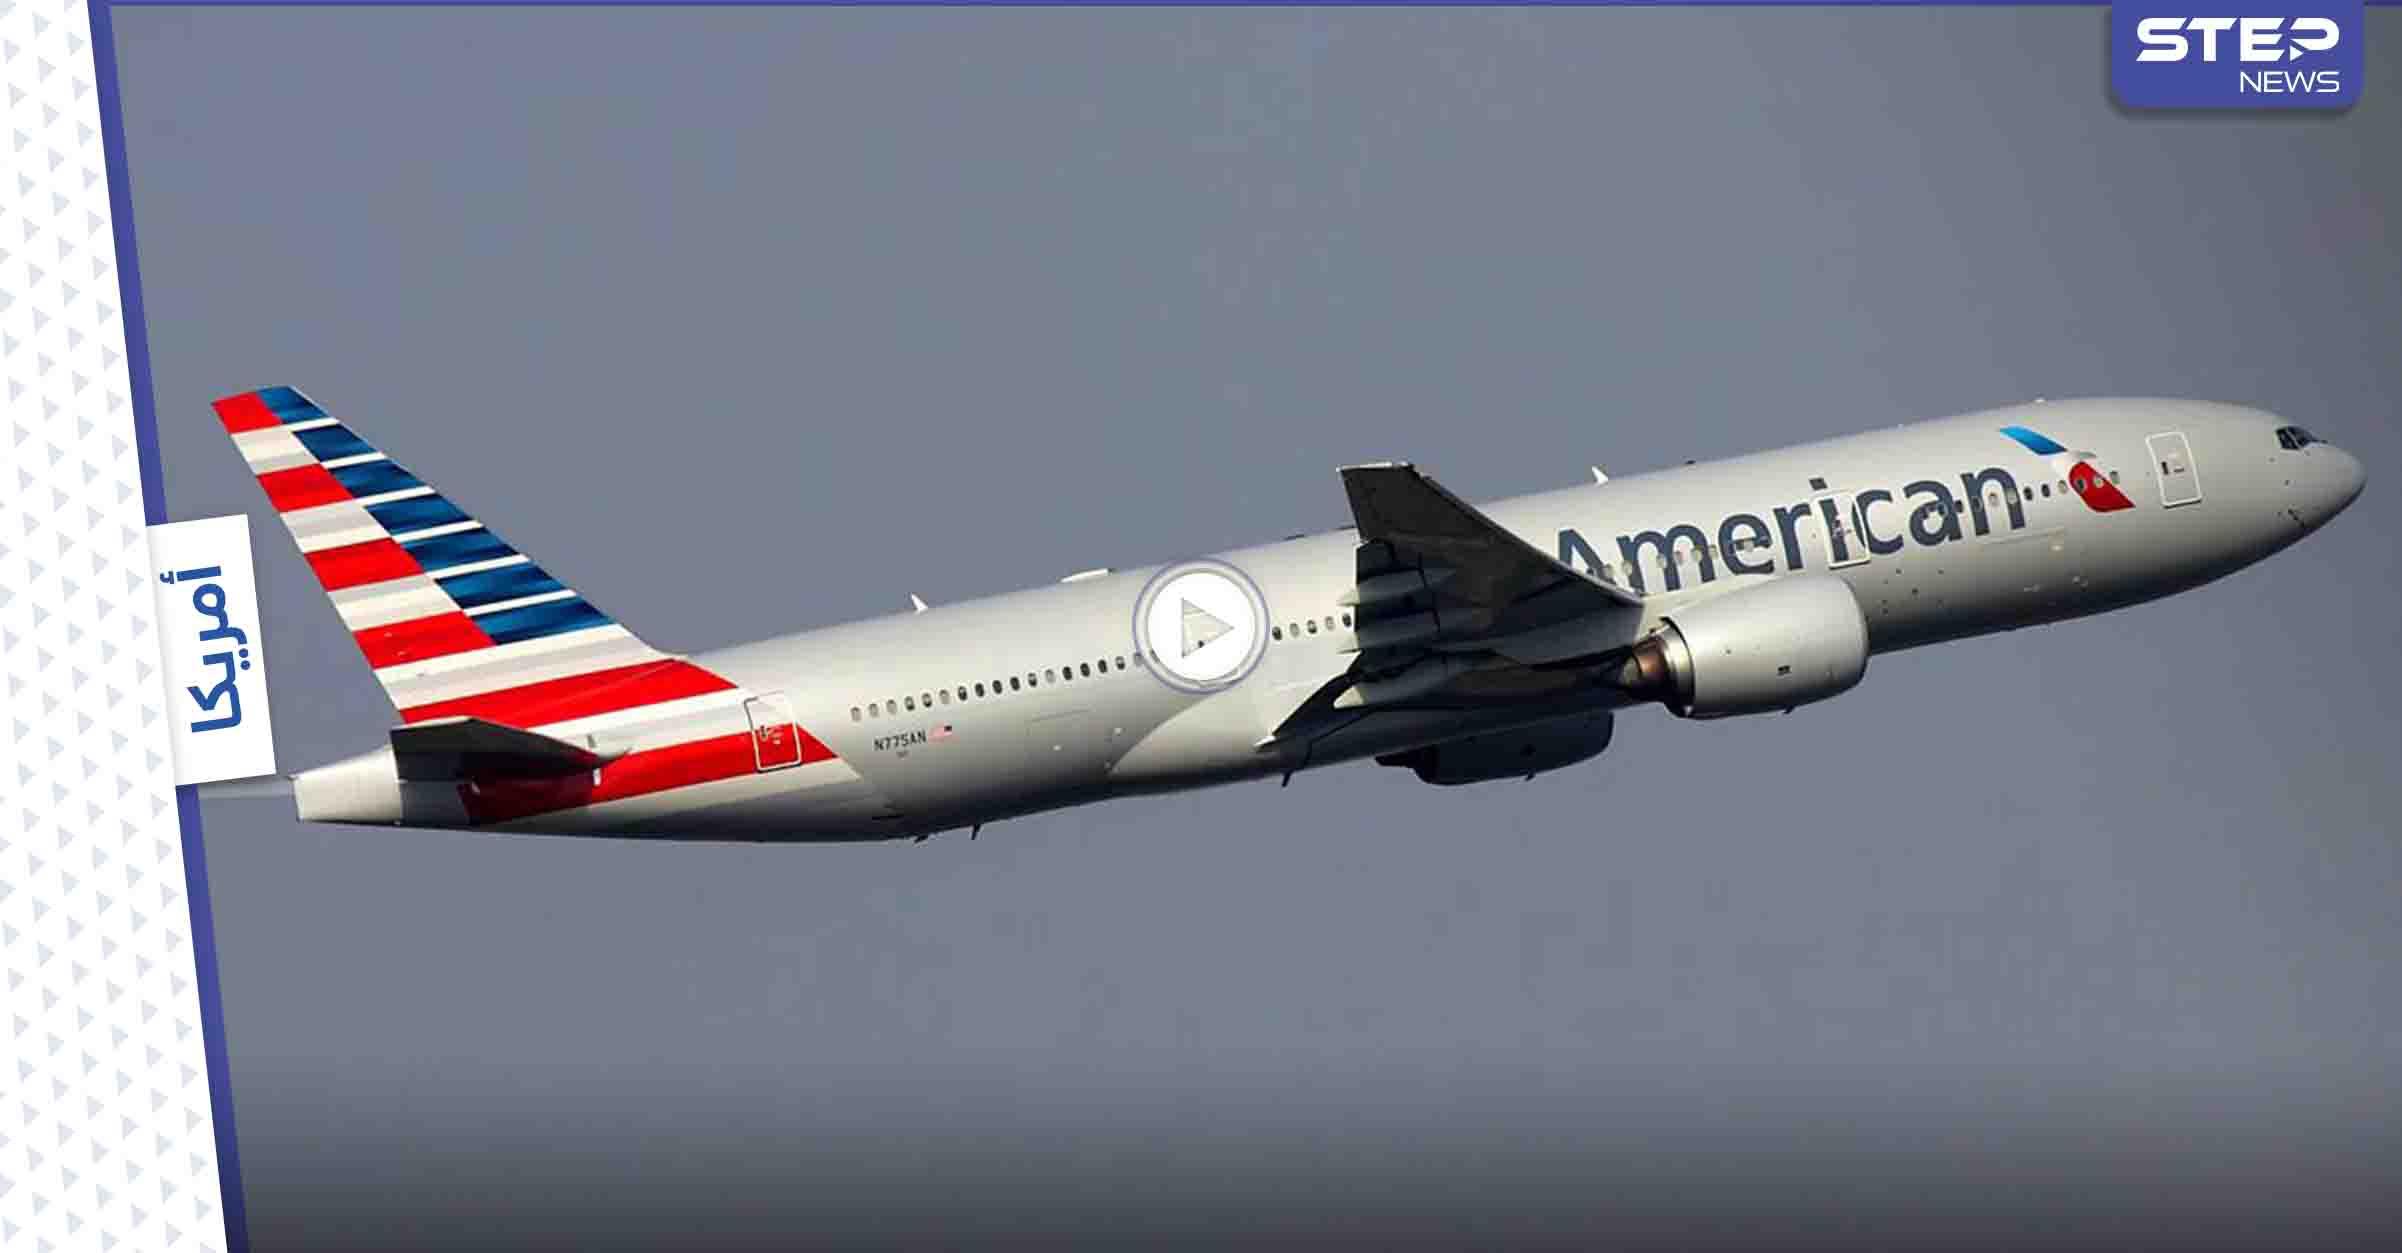 بالفيديو   صراخ وضرب داخل طائرة أمريكية أُجبرت على الهبوط الإضطراري بعد تهديد راكب بإسقاطها